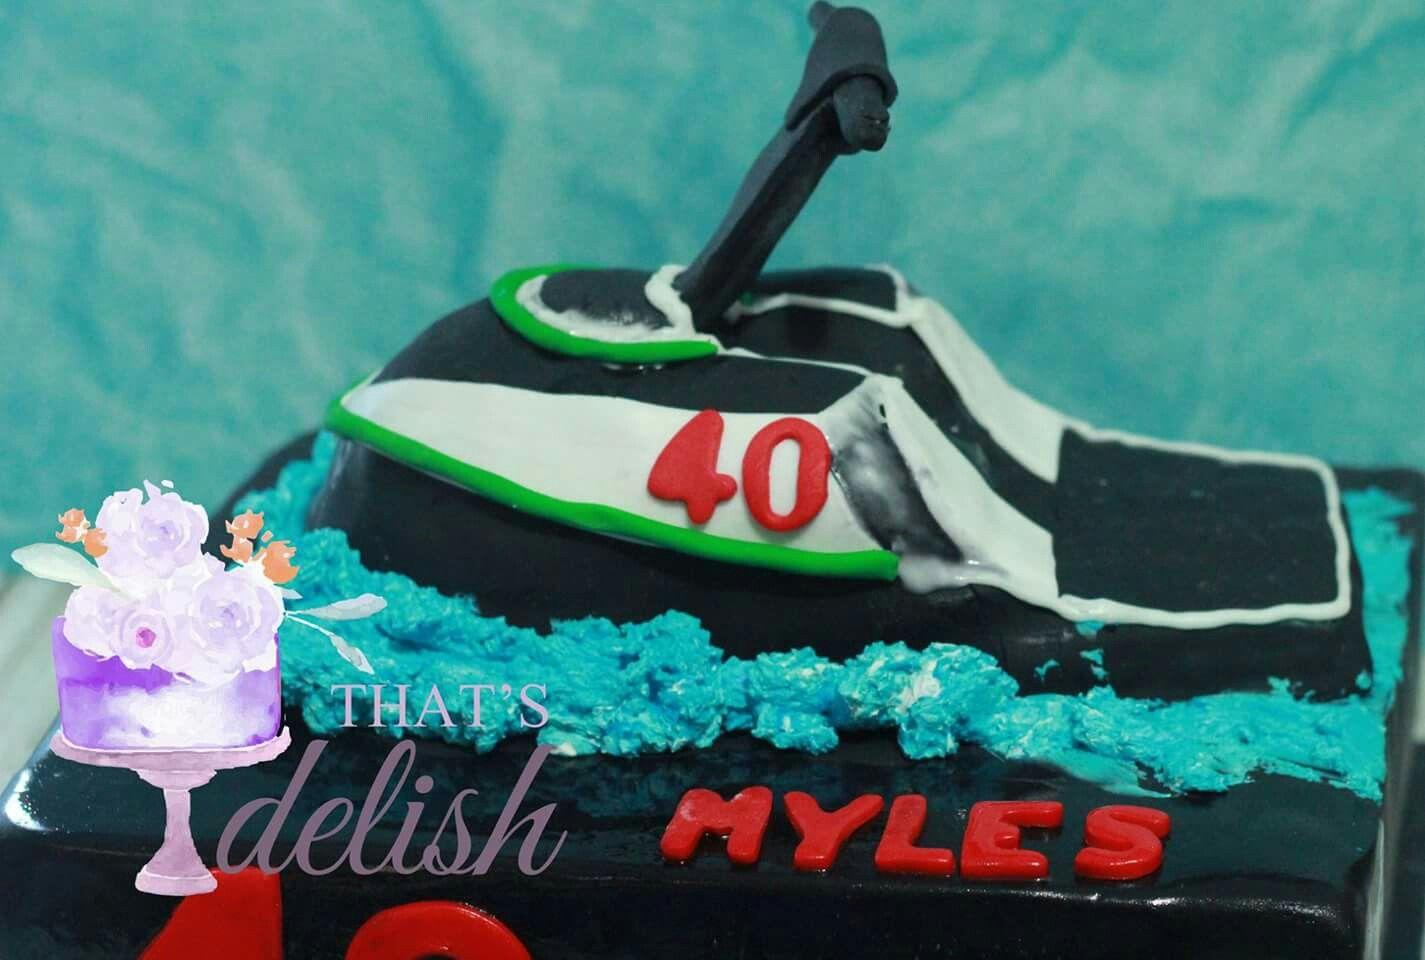 Men S Birthday Ideas Jet Ski Theme Cake 40th Themed Cakes Cake Man Birthday